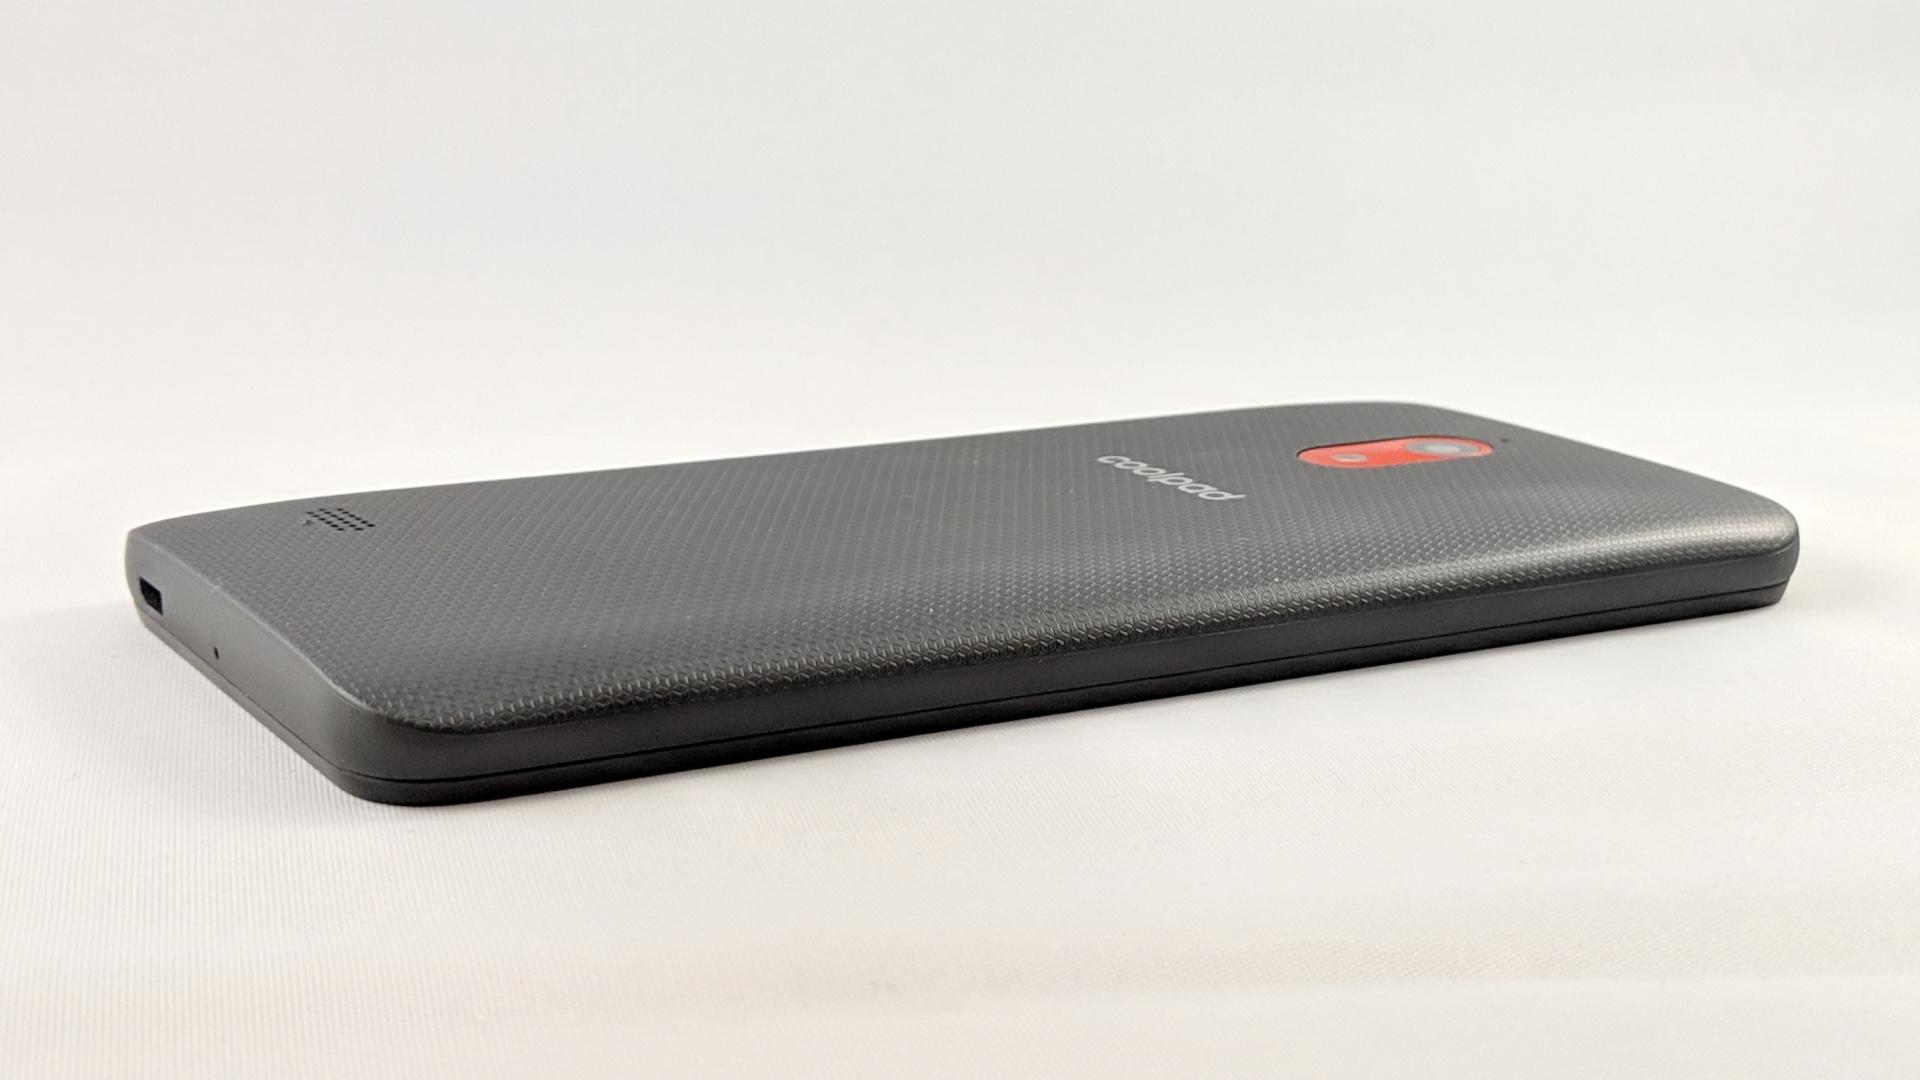 Coolpad 3310a